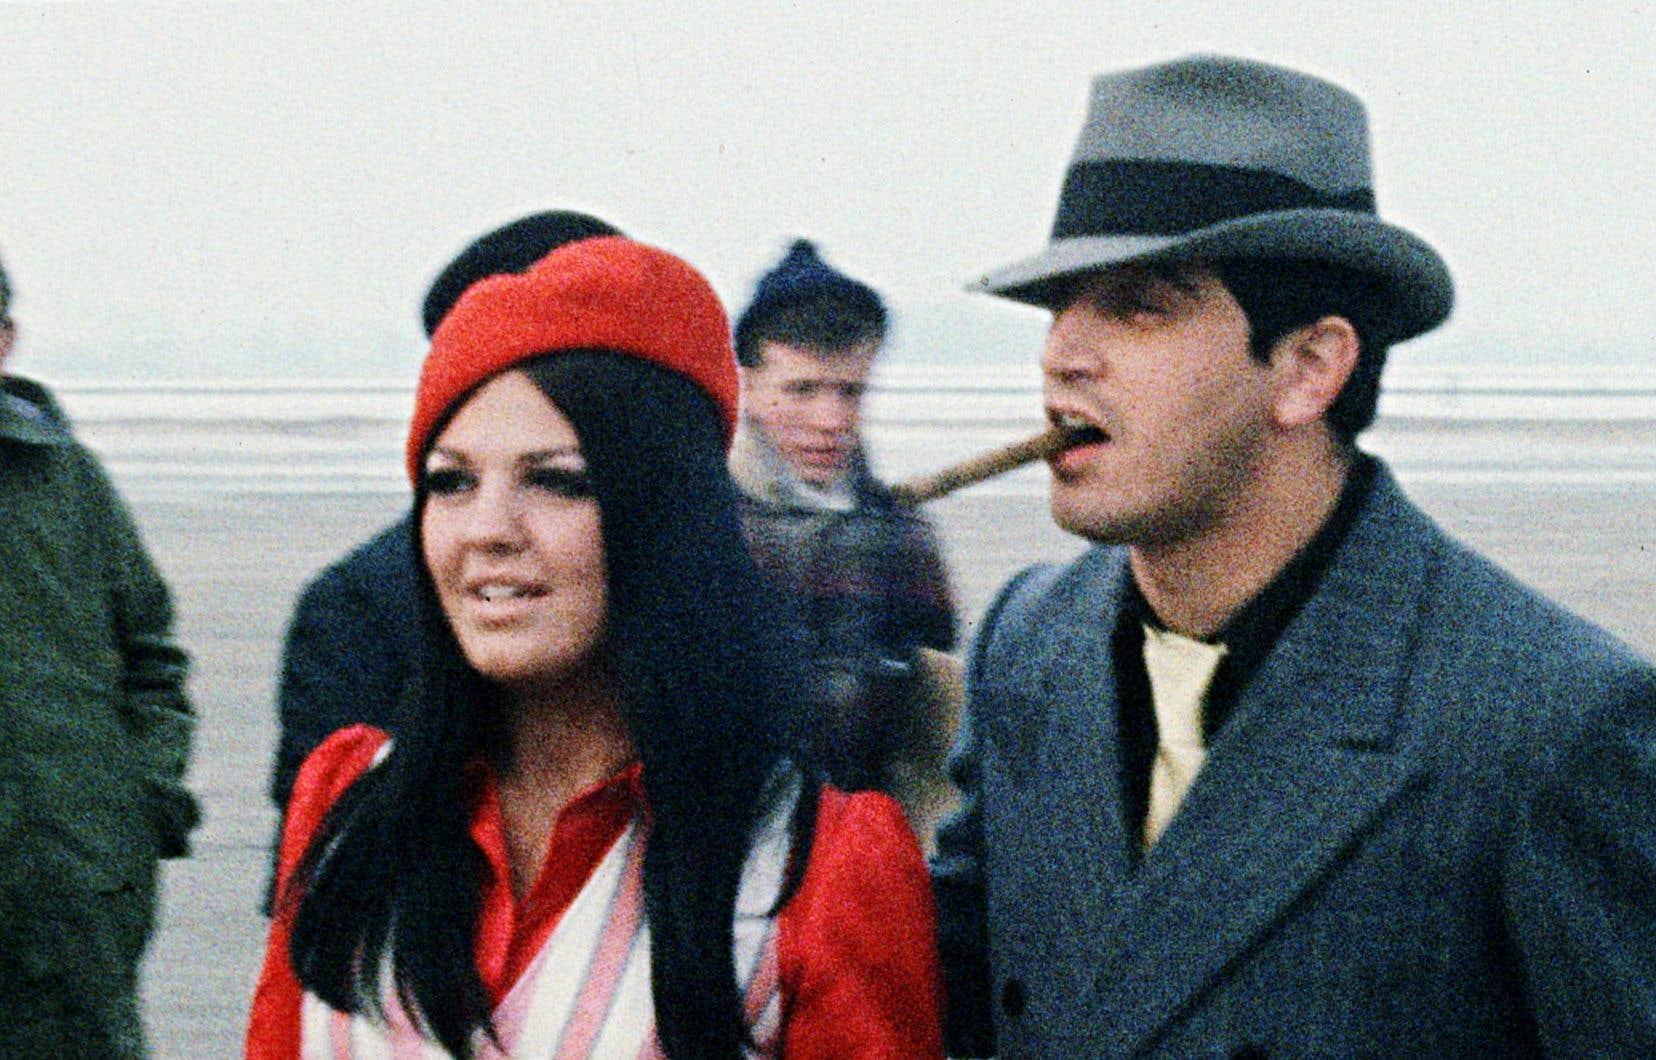 Le véritable maître du jeu, et la figure centrale de «Jukebox», c'est Denis Pantis, ici avec Michèle Richard. C'est lui qui a littéralement inventé au Québec la fonction de producteur tout-puissant.